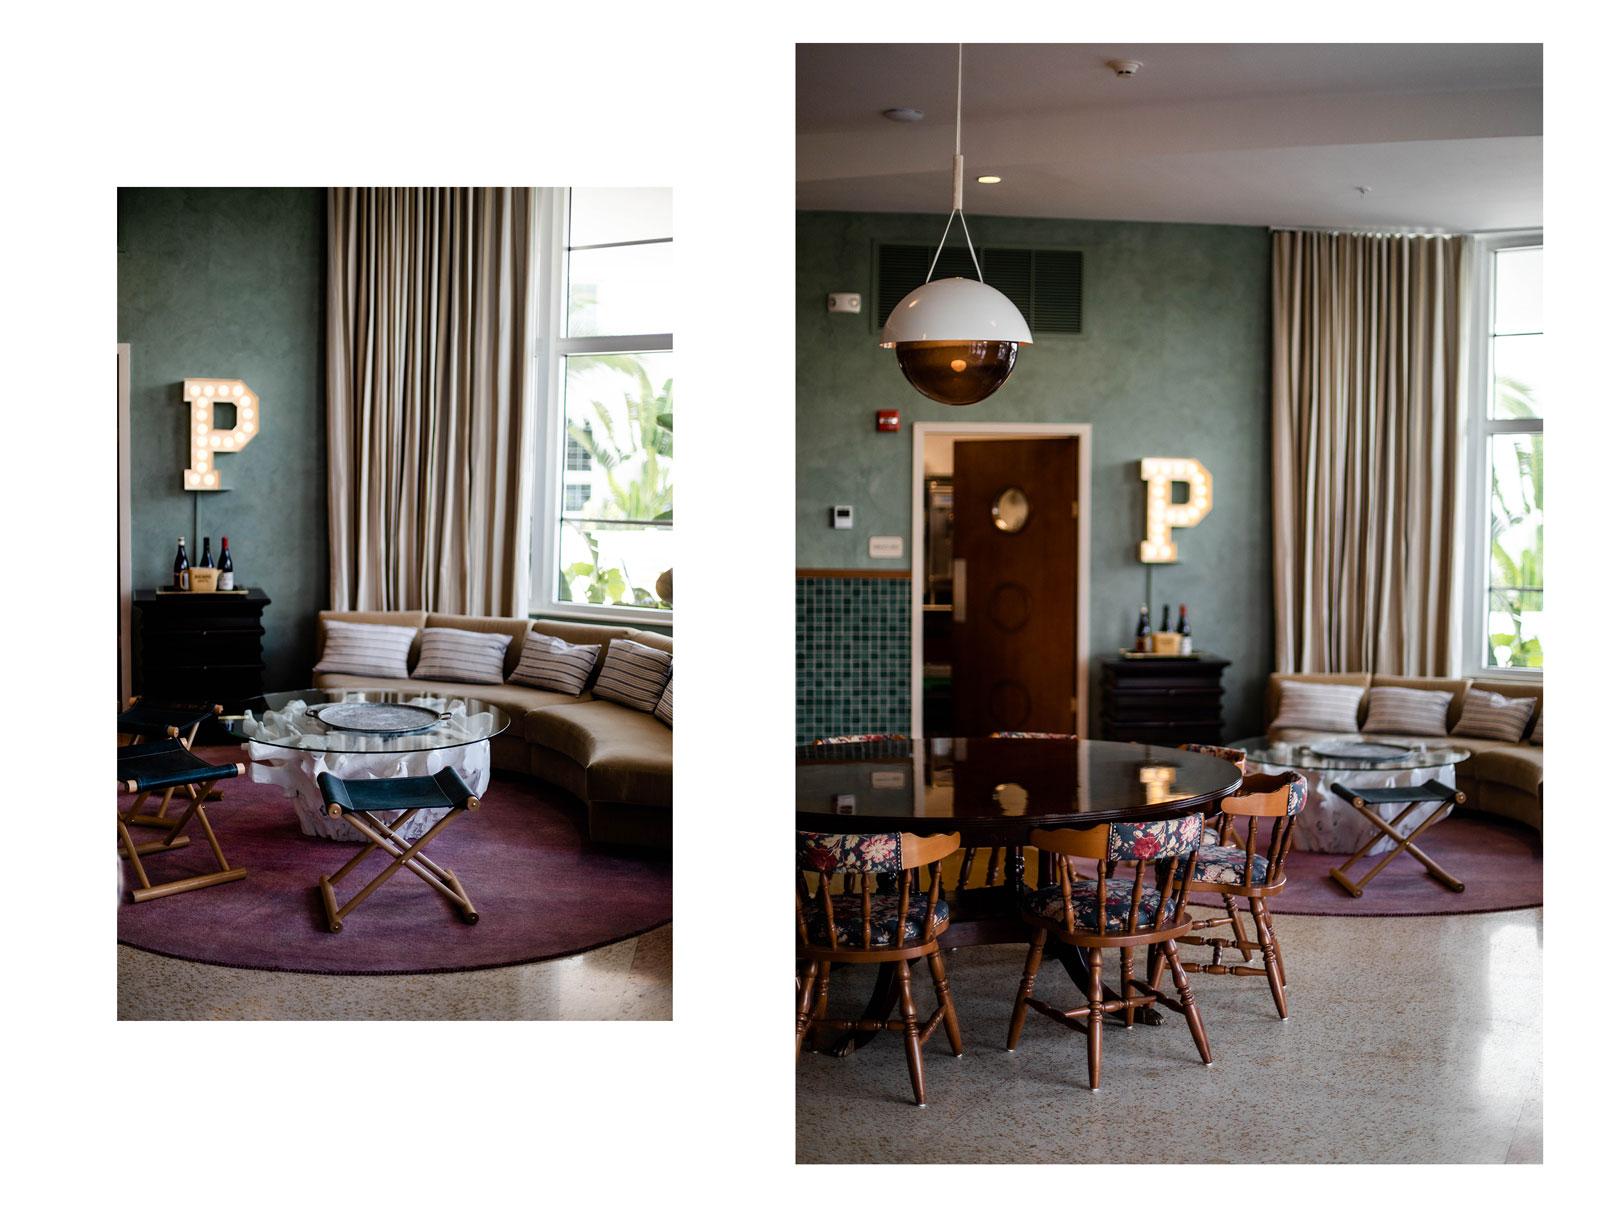 mobilier-deco-palihouse-miami